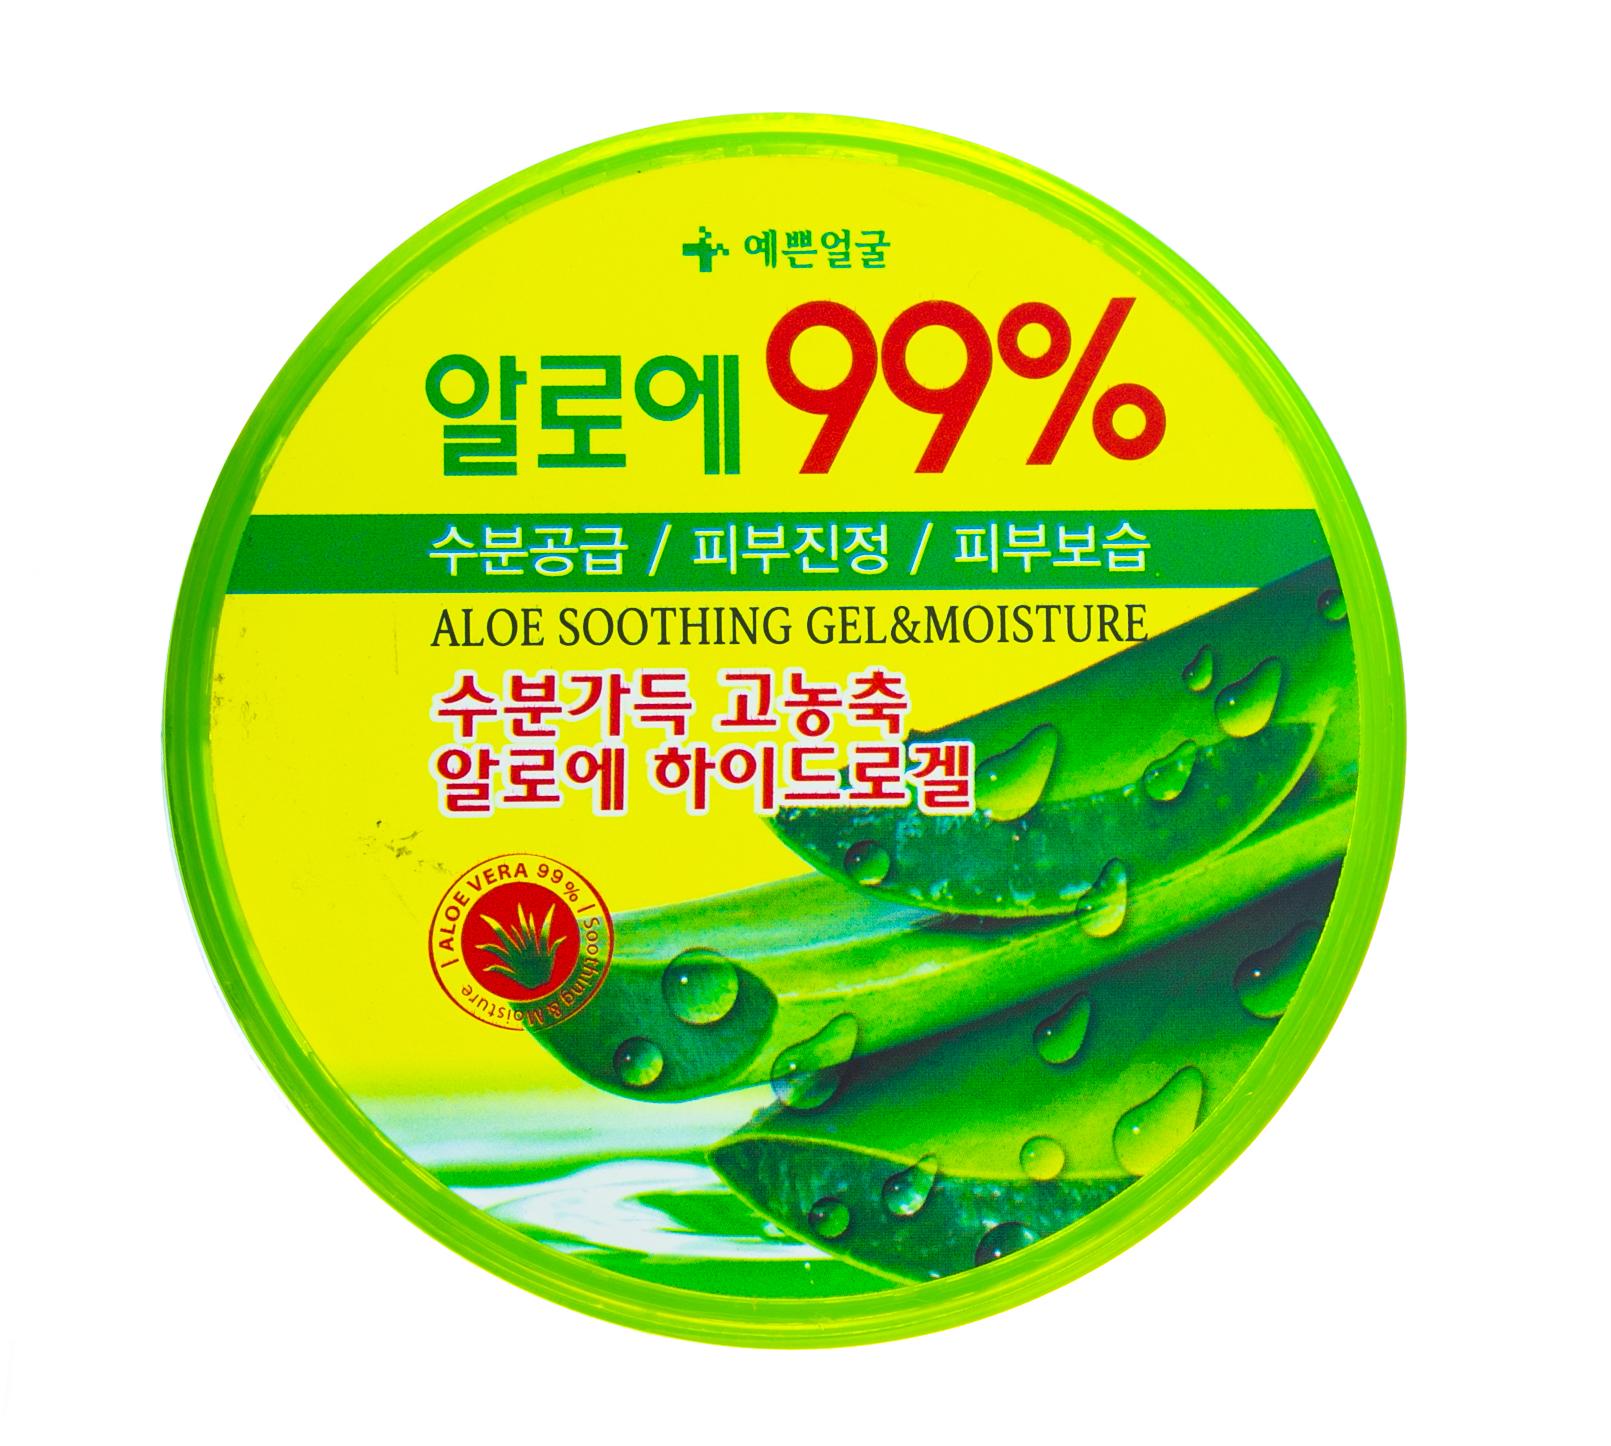 Купить Well Being Гель для лица и тела с 99% алоэ Успокаивающий и Увлажняющий 300гр (Well Being, Для тела), Южная Корея